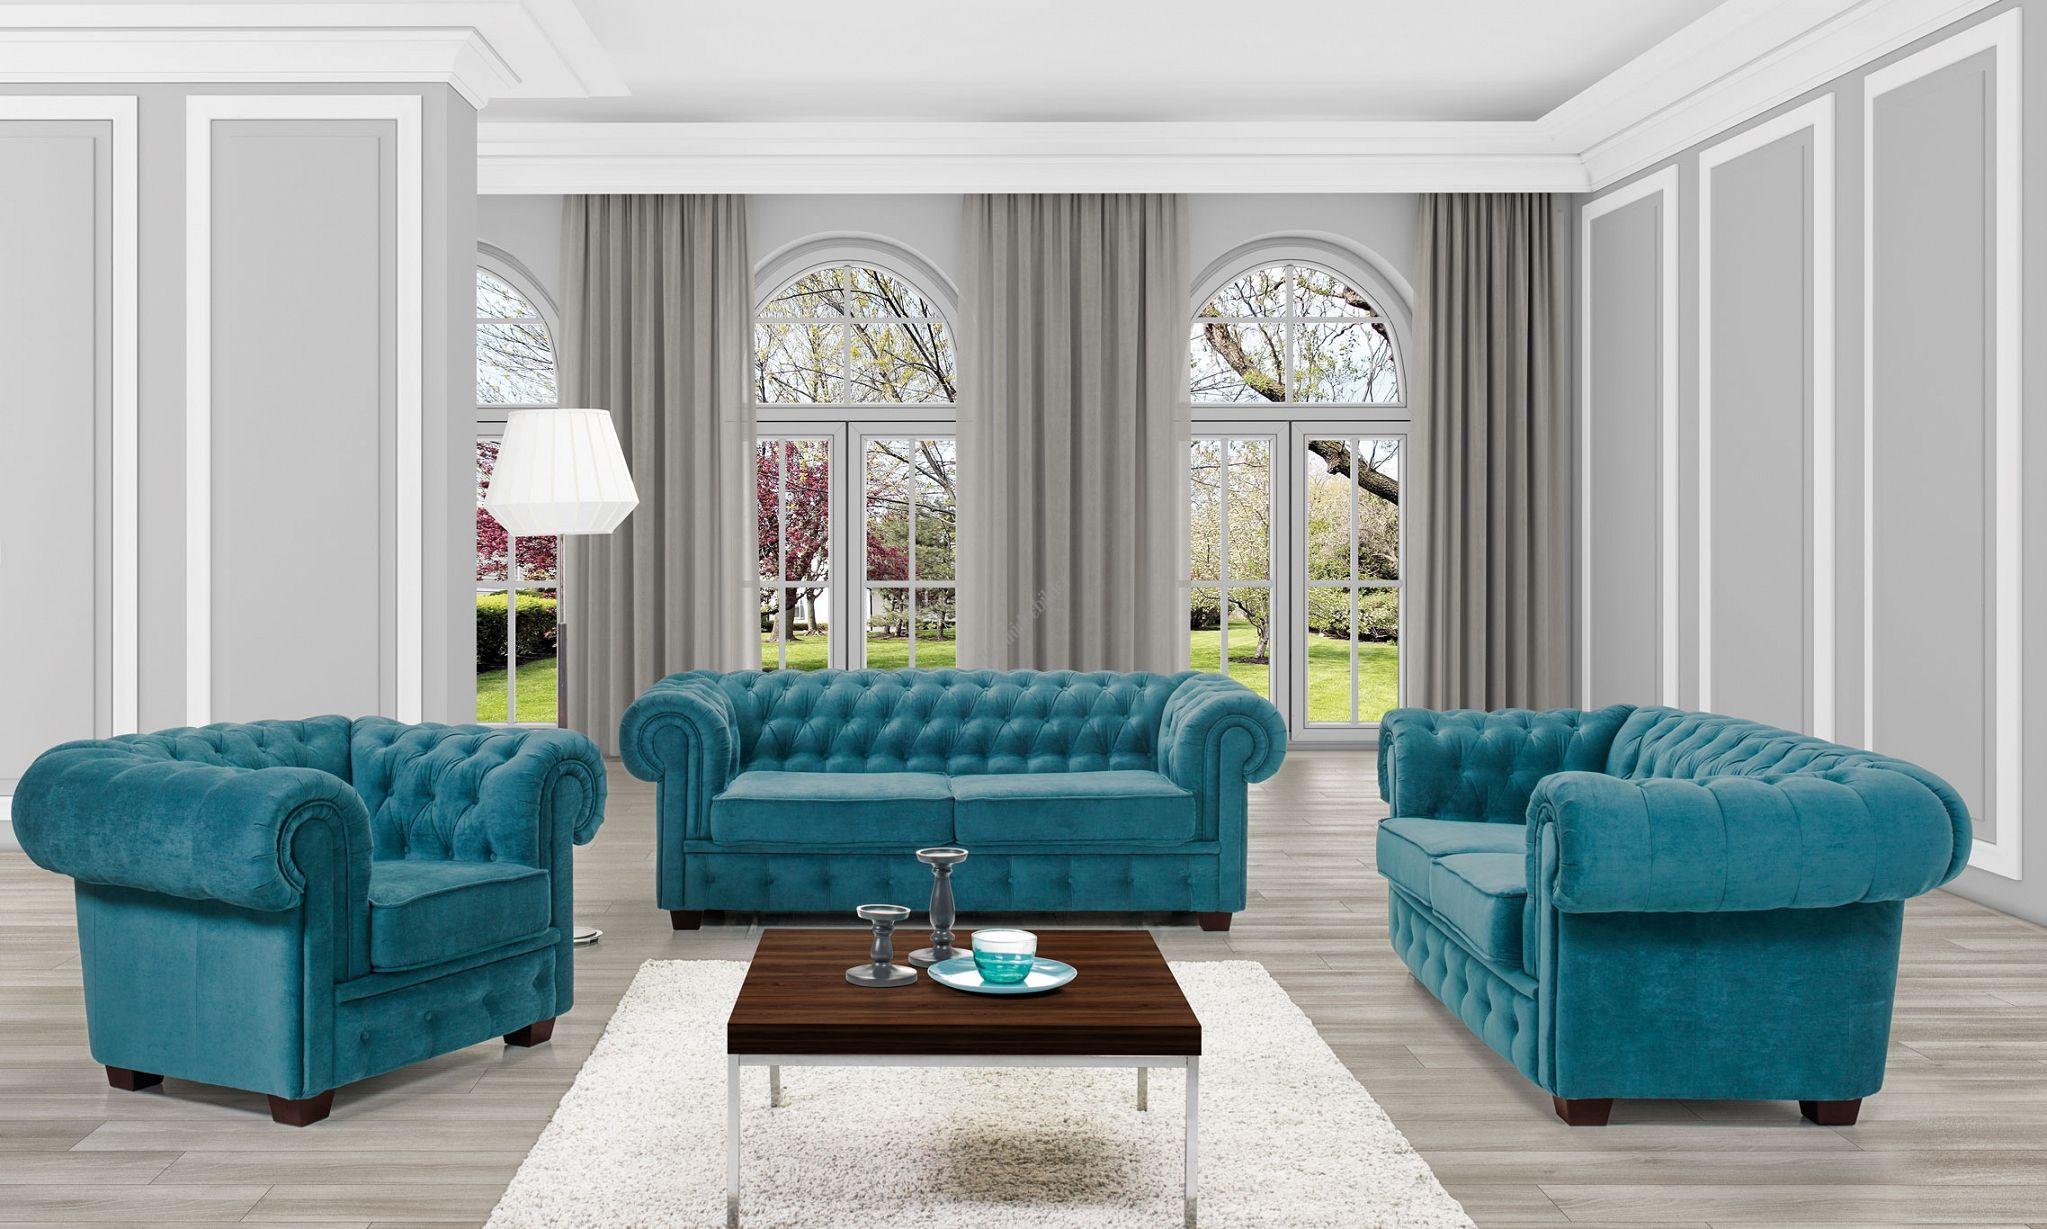 Couchgarnitur MANCHESTER 3 2 1 Sofa Couch Polsterecke Ecksofa